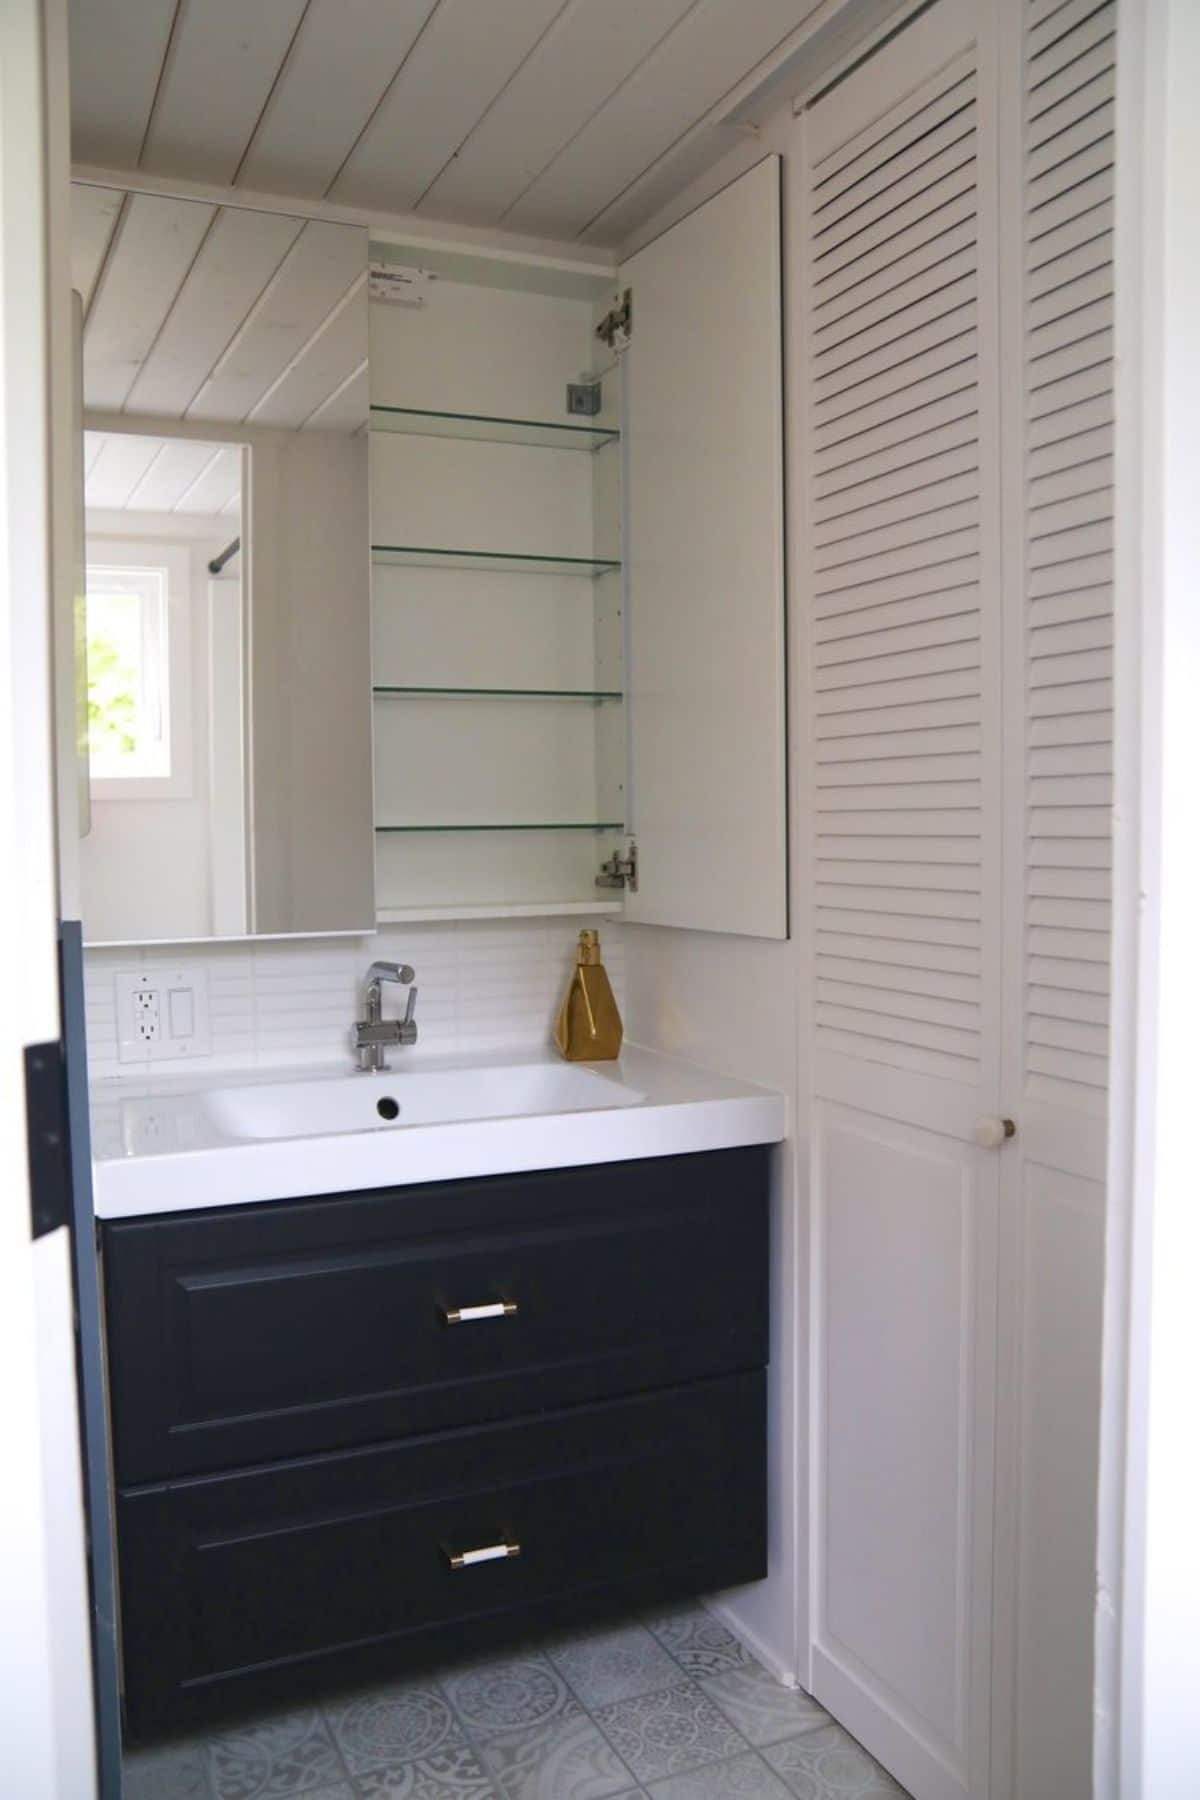 dark blue drawers under white sink with open medicine cabinet